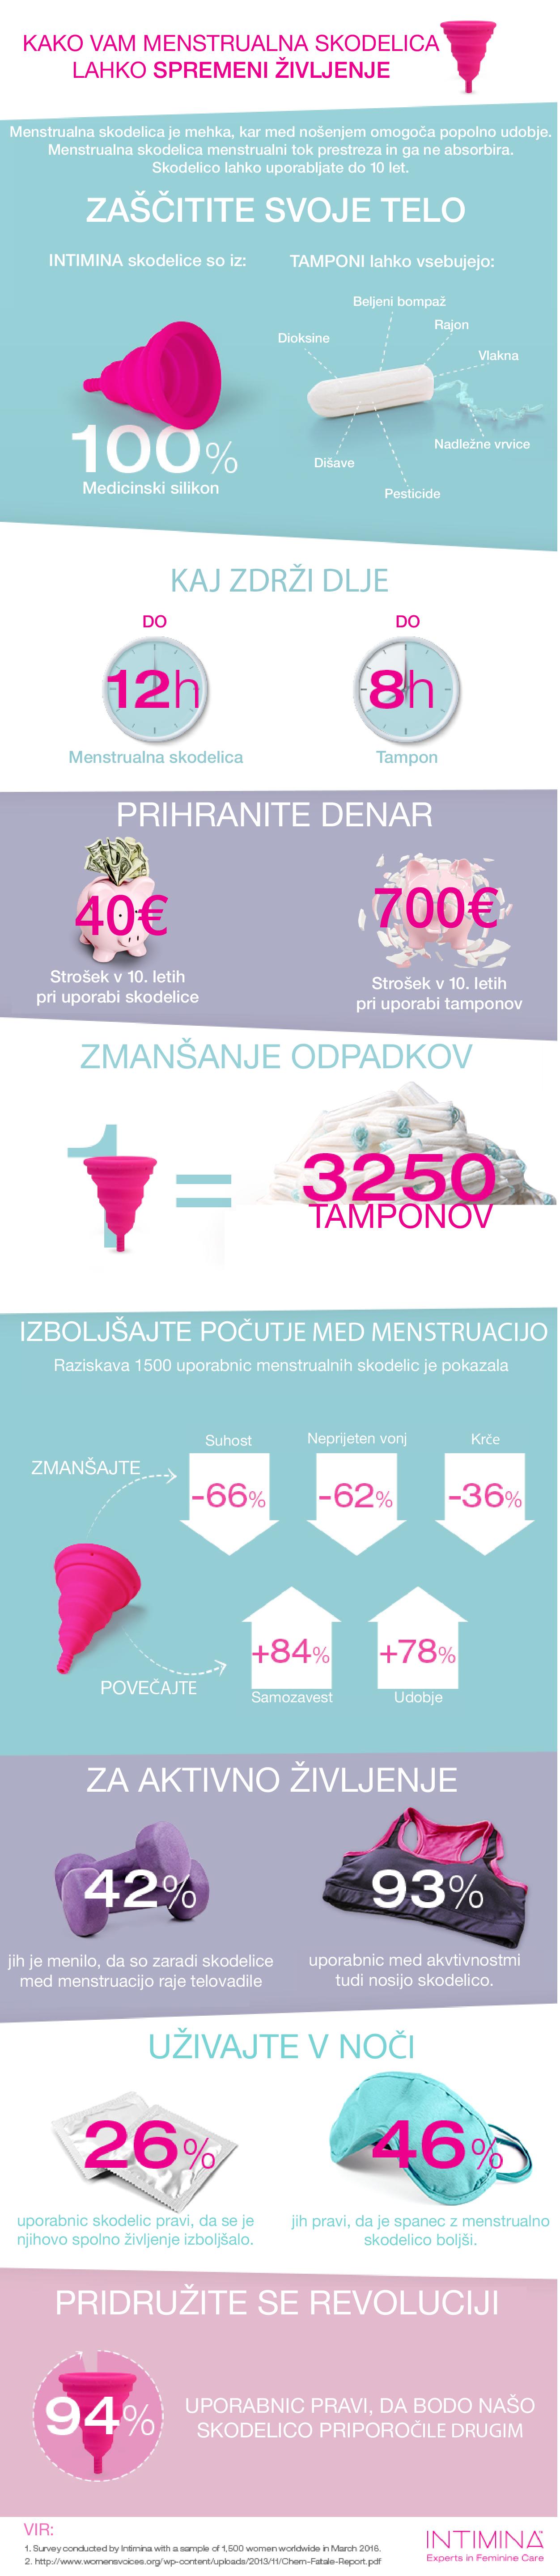 Menstrualna skodelica Infografika